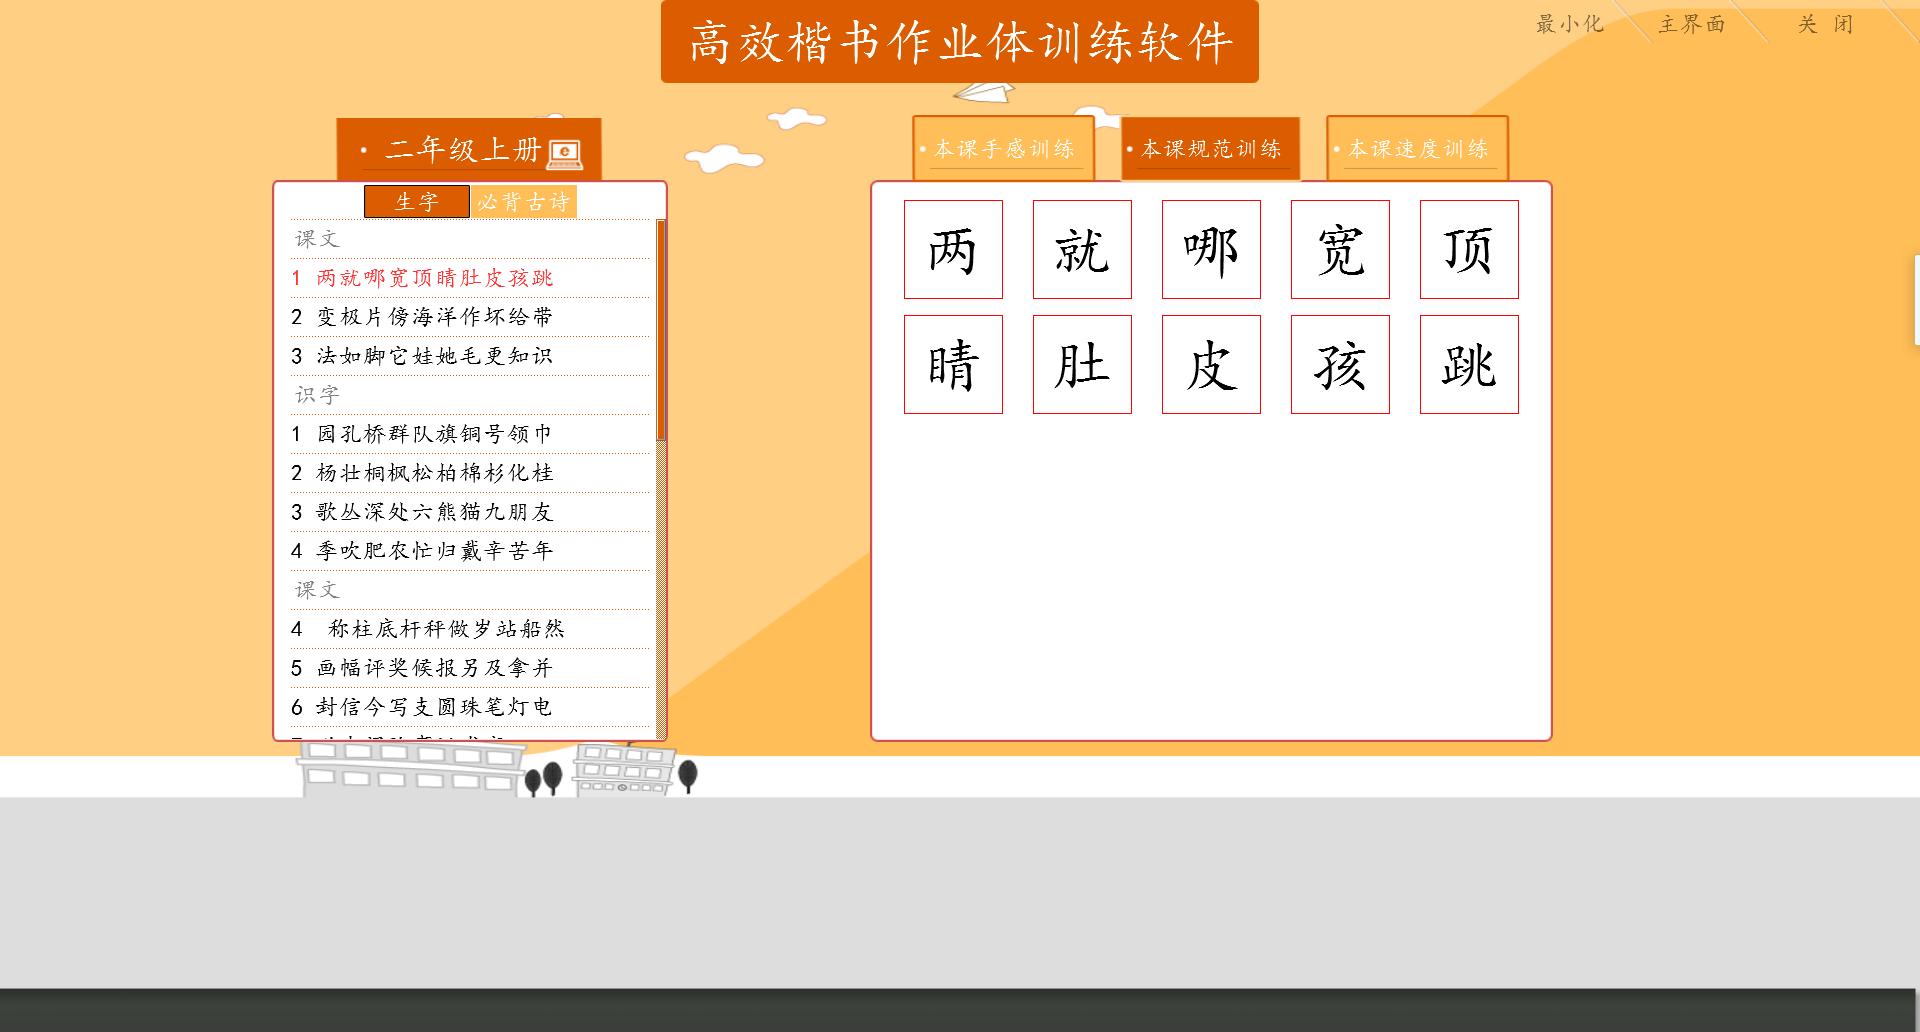 高效楷书作业体同步训练软件(二年级)截图1